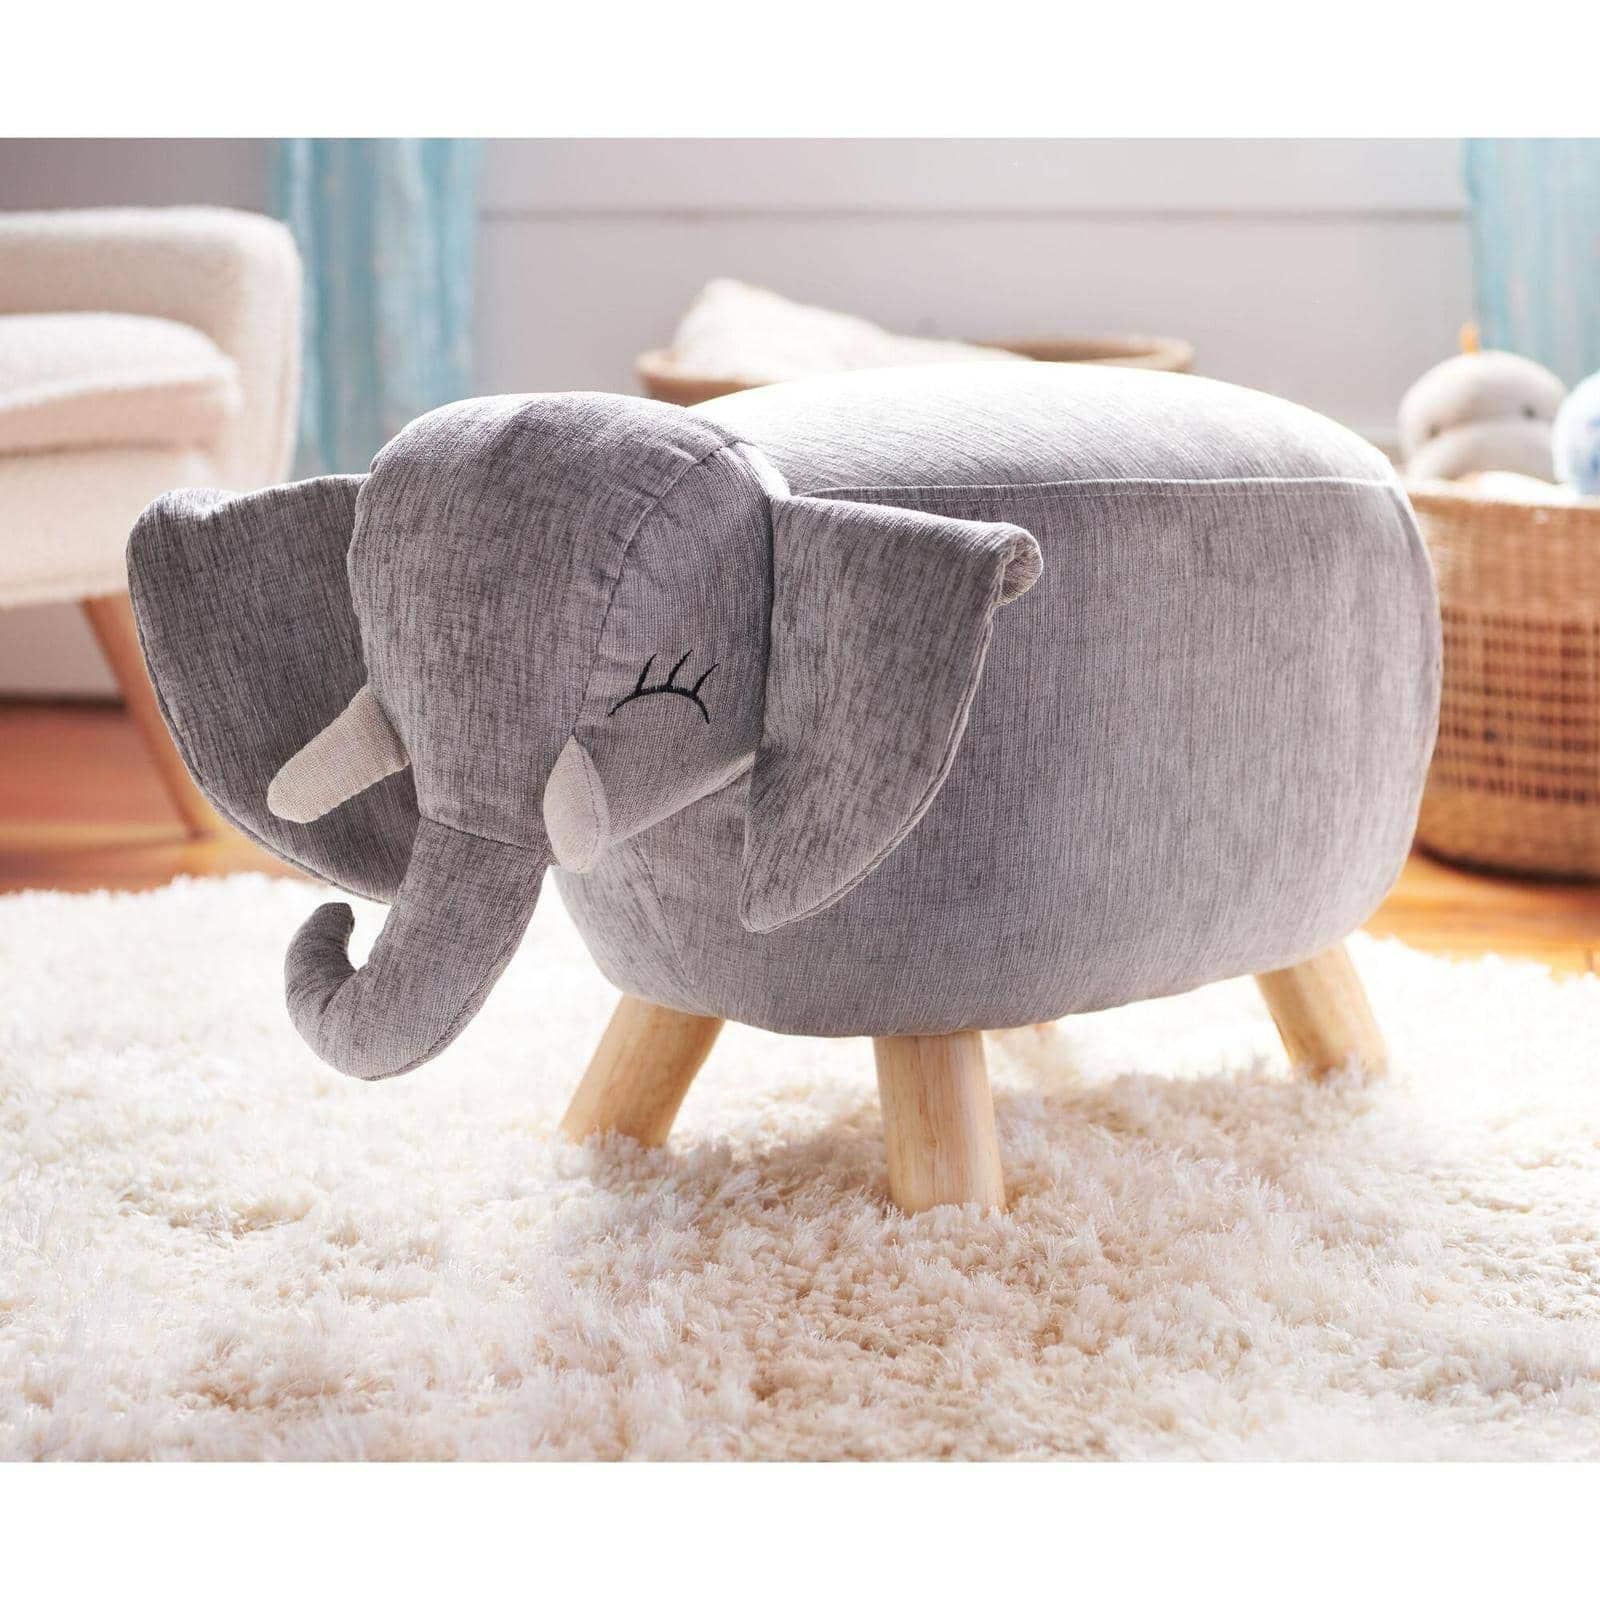 An Elephant Stool for A Safari-Themed Nursery